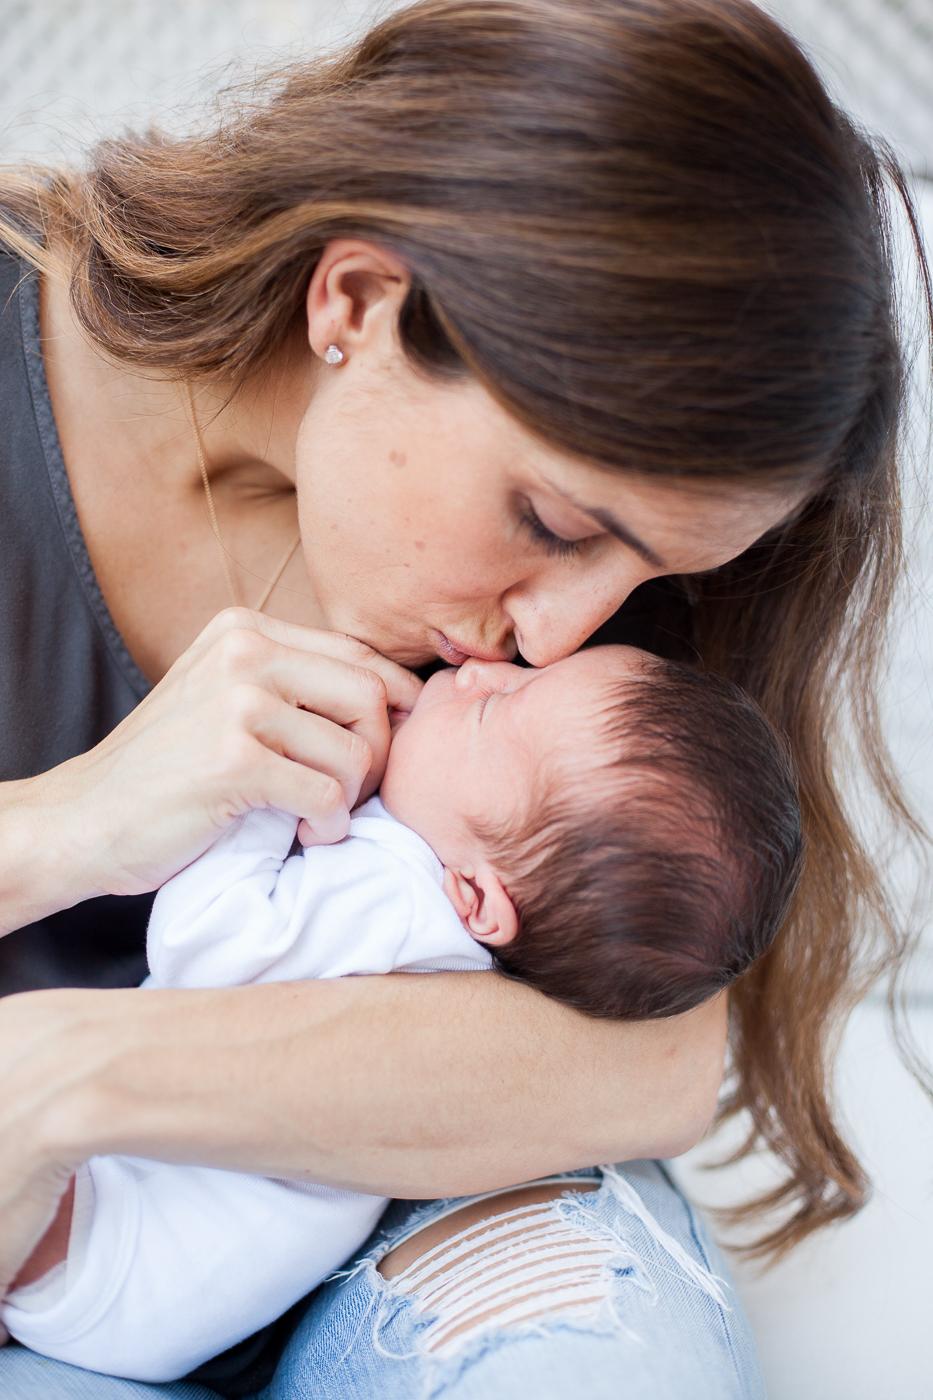 Newborn-Miles Headshots-Ava-67.jpg